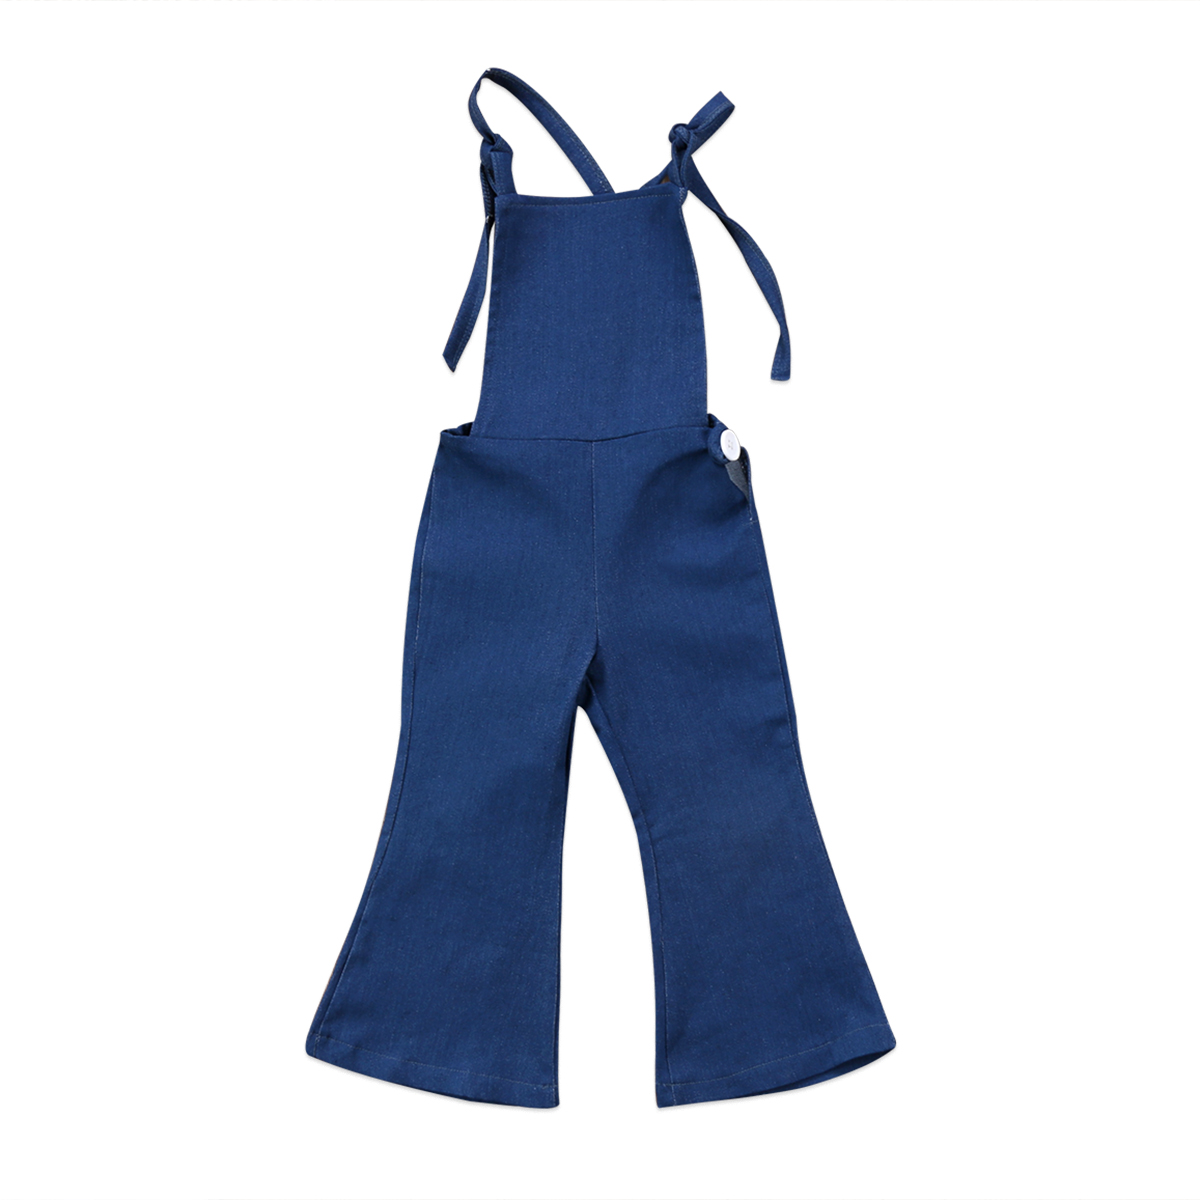 2017 Kids Baby Meisjes Bell-bottoms Overalls Kleding Mouwloze Jumpsuit Broek Overalls Outfits Zomer Kleding Voor Kleine Meisjes